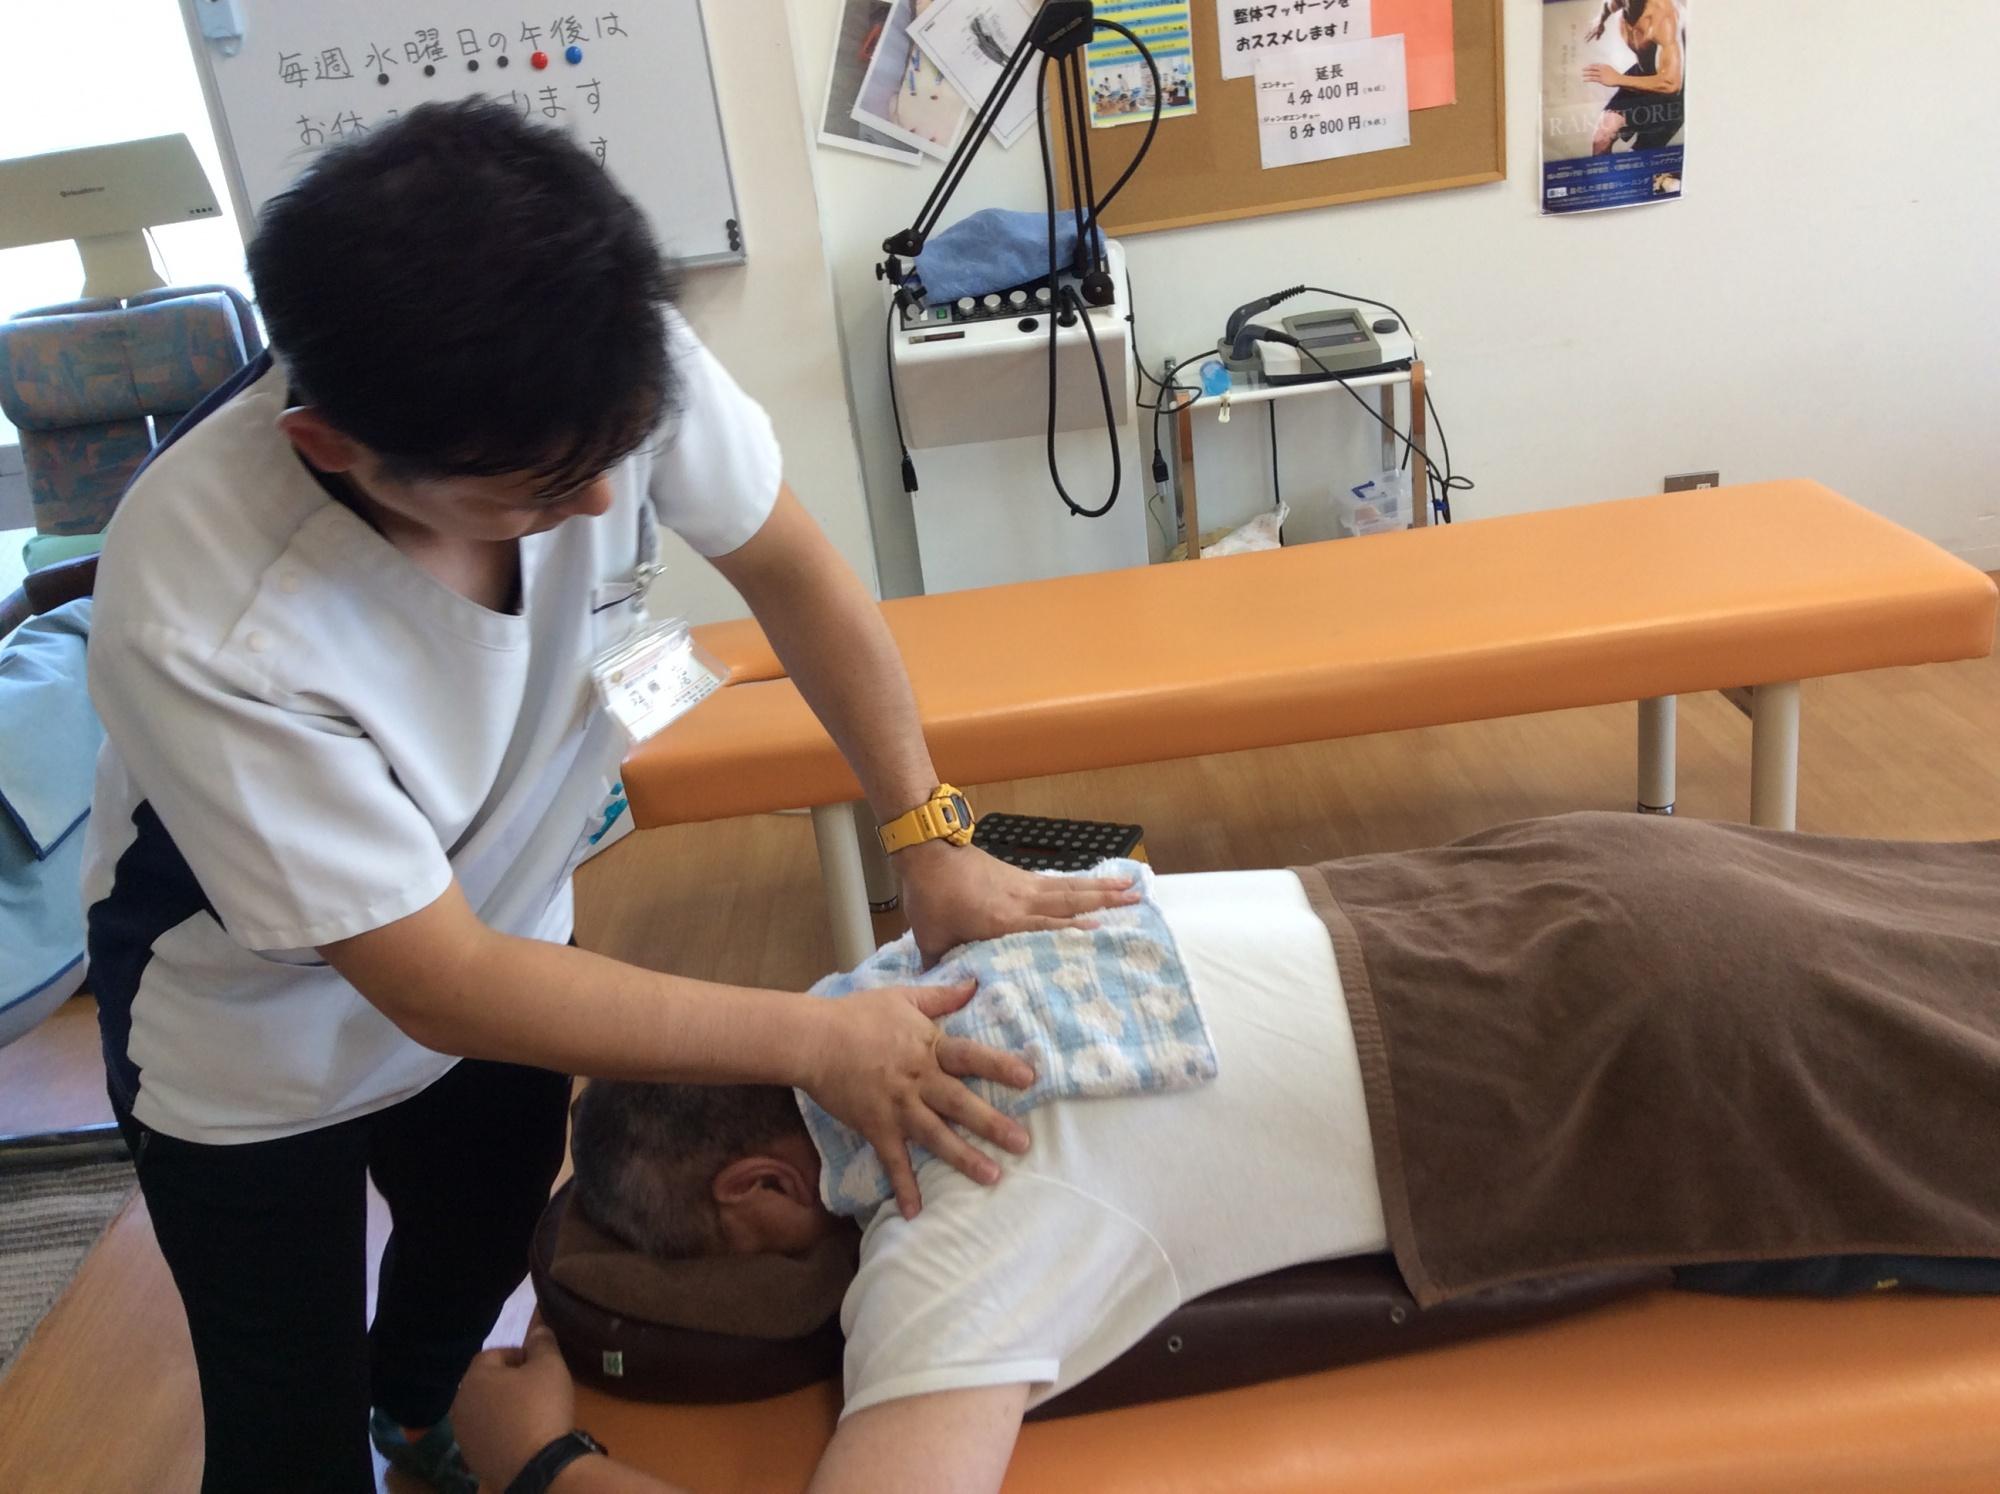 肩こり、腰痛施術の様子